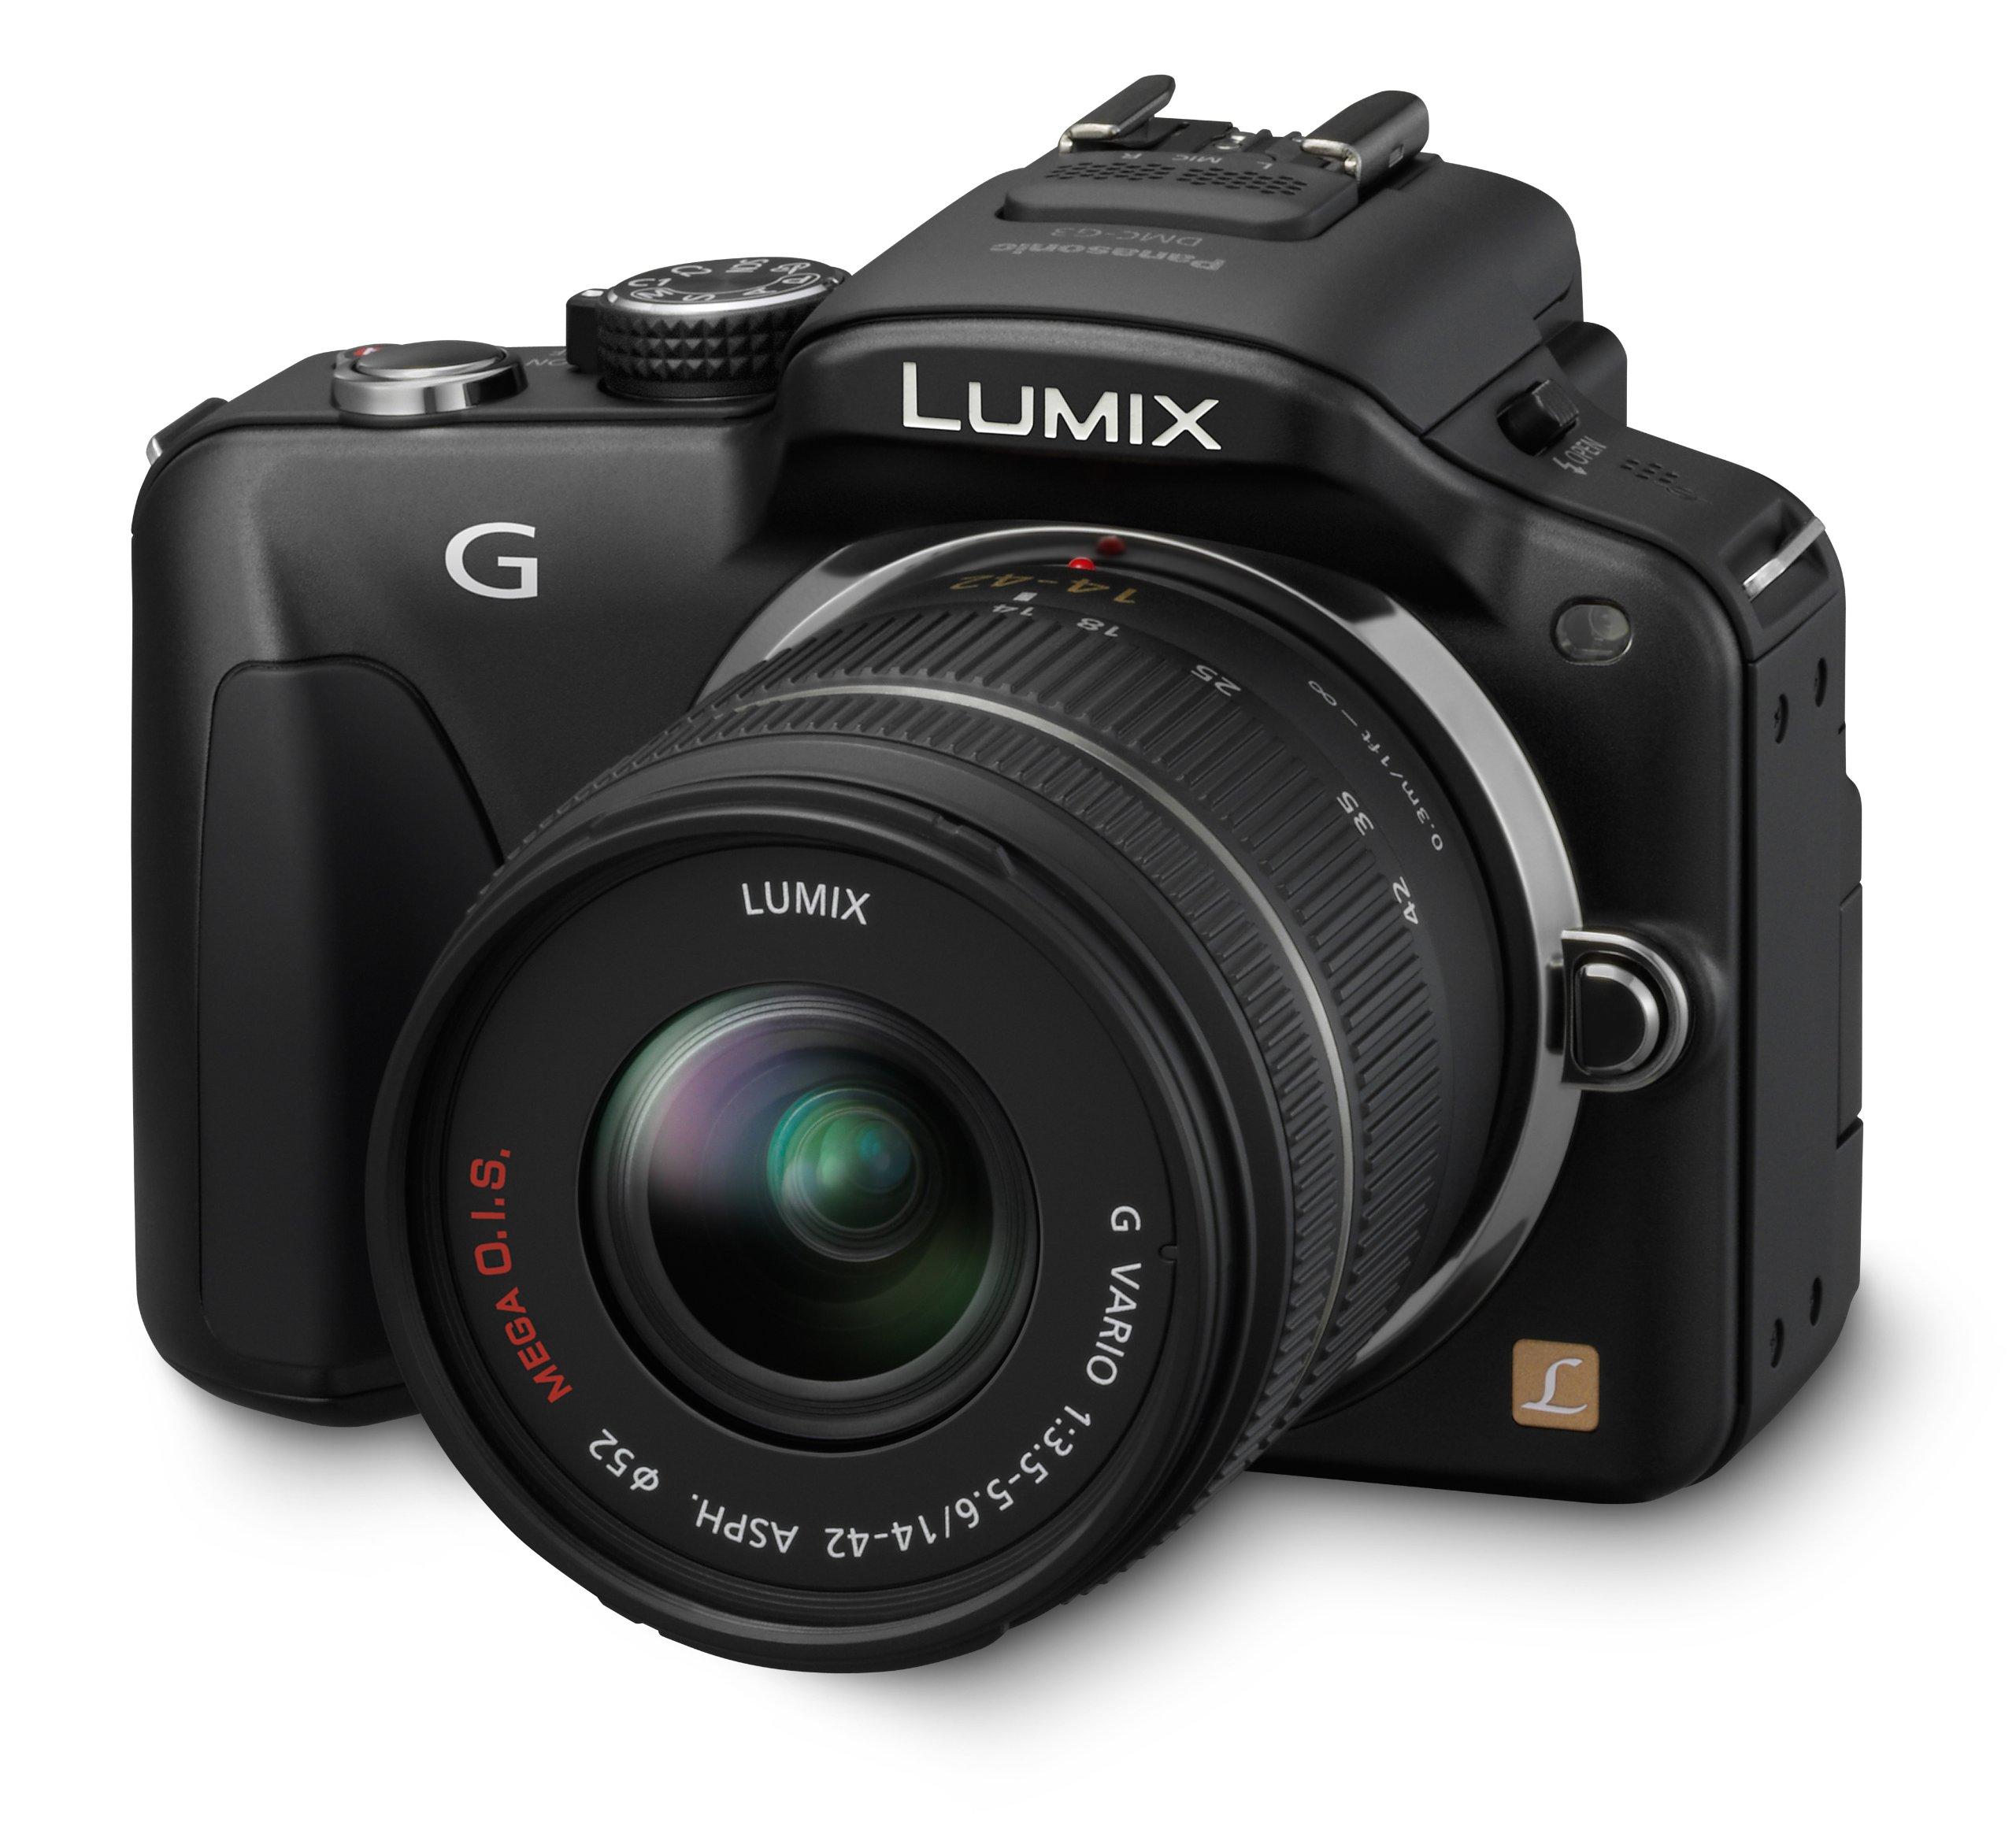 panasonic fotocamere digitali (modello: dmc-g3; generale:nero, obiettivo intercambiabile, obiettivo in kit) product image